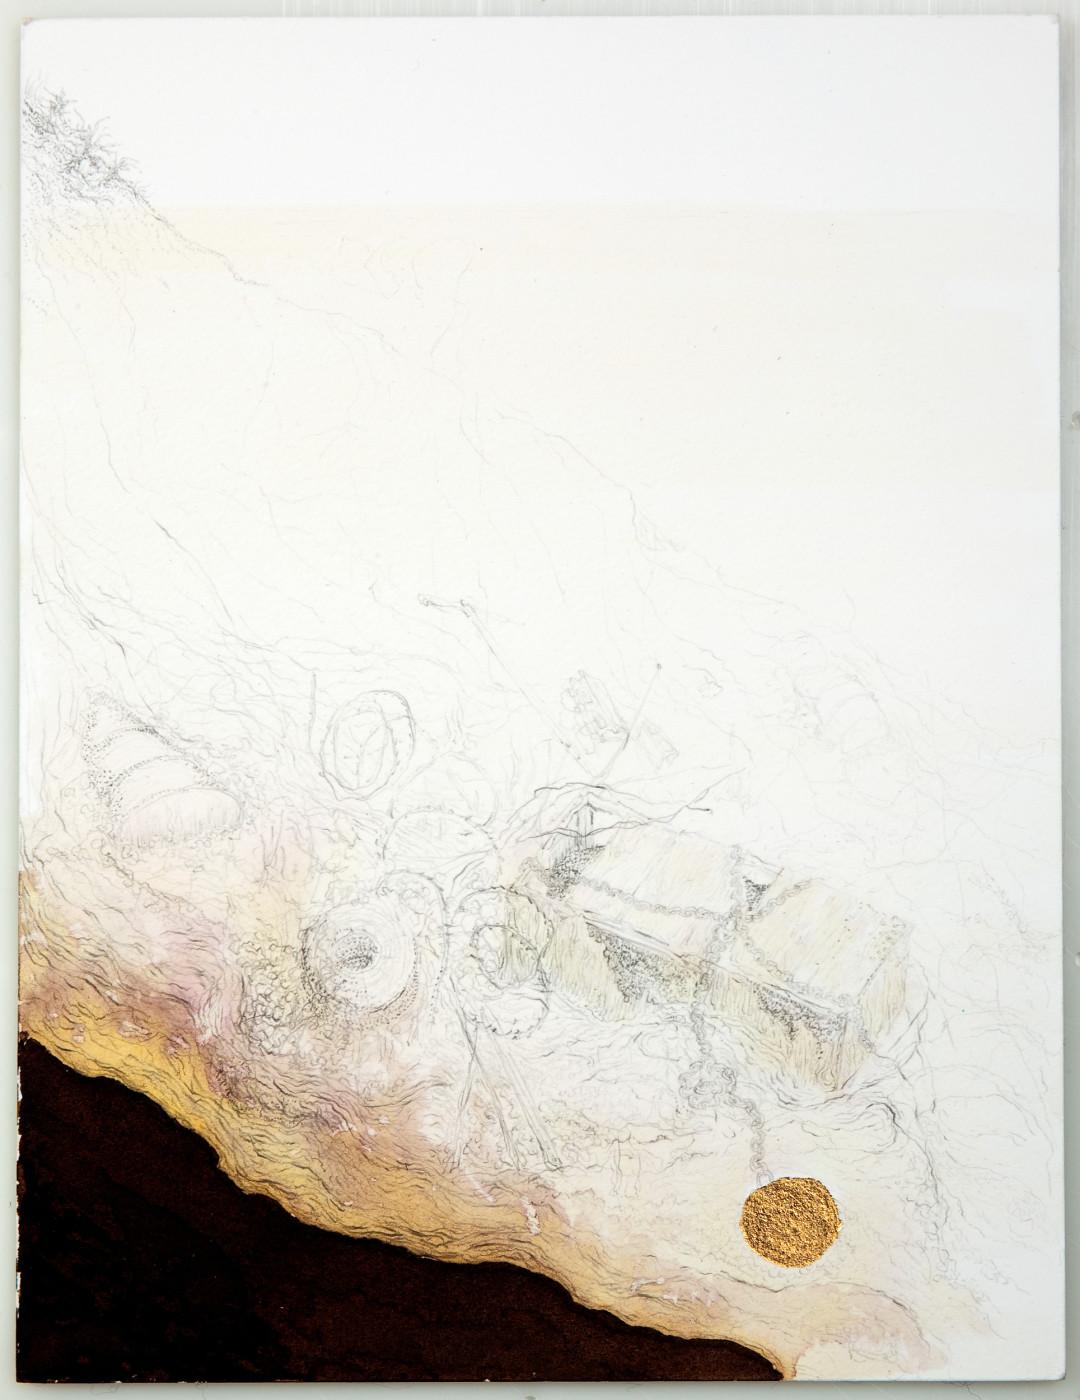 """<div class=""""artwork_caption""""><p>Khu Sunken Trunk, 2009</p></div>"""